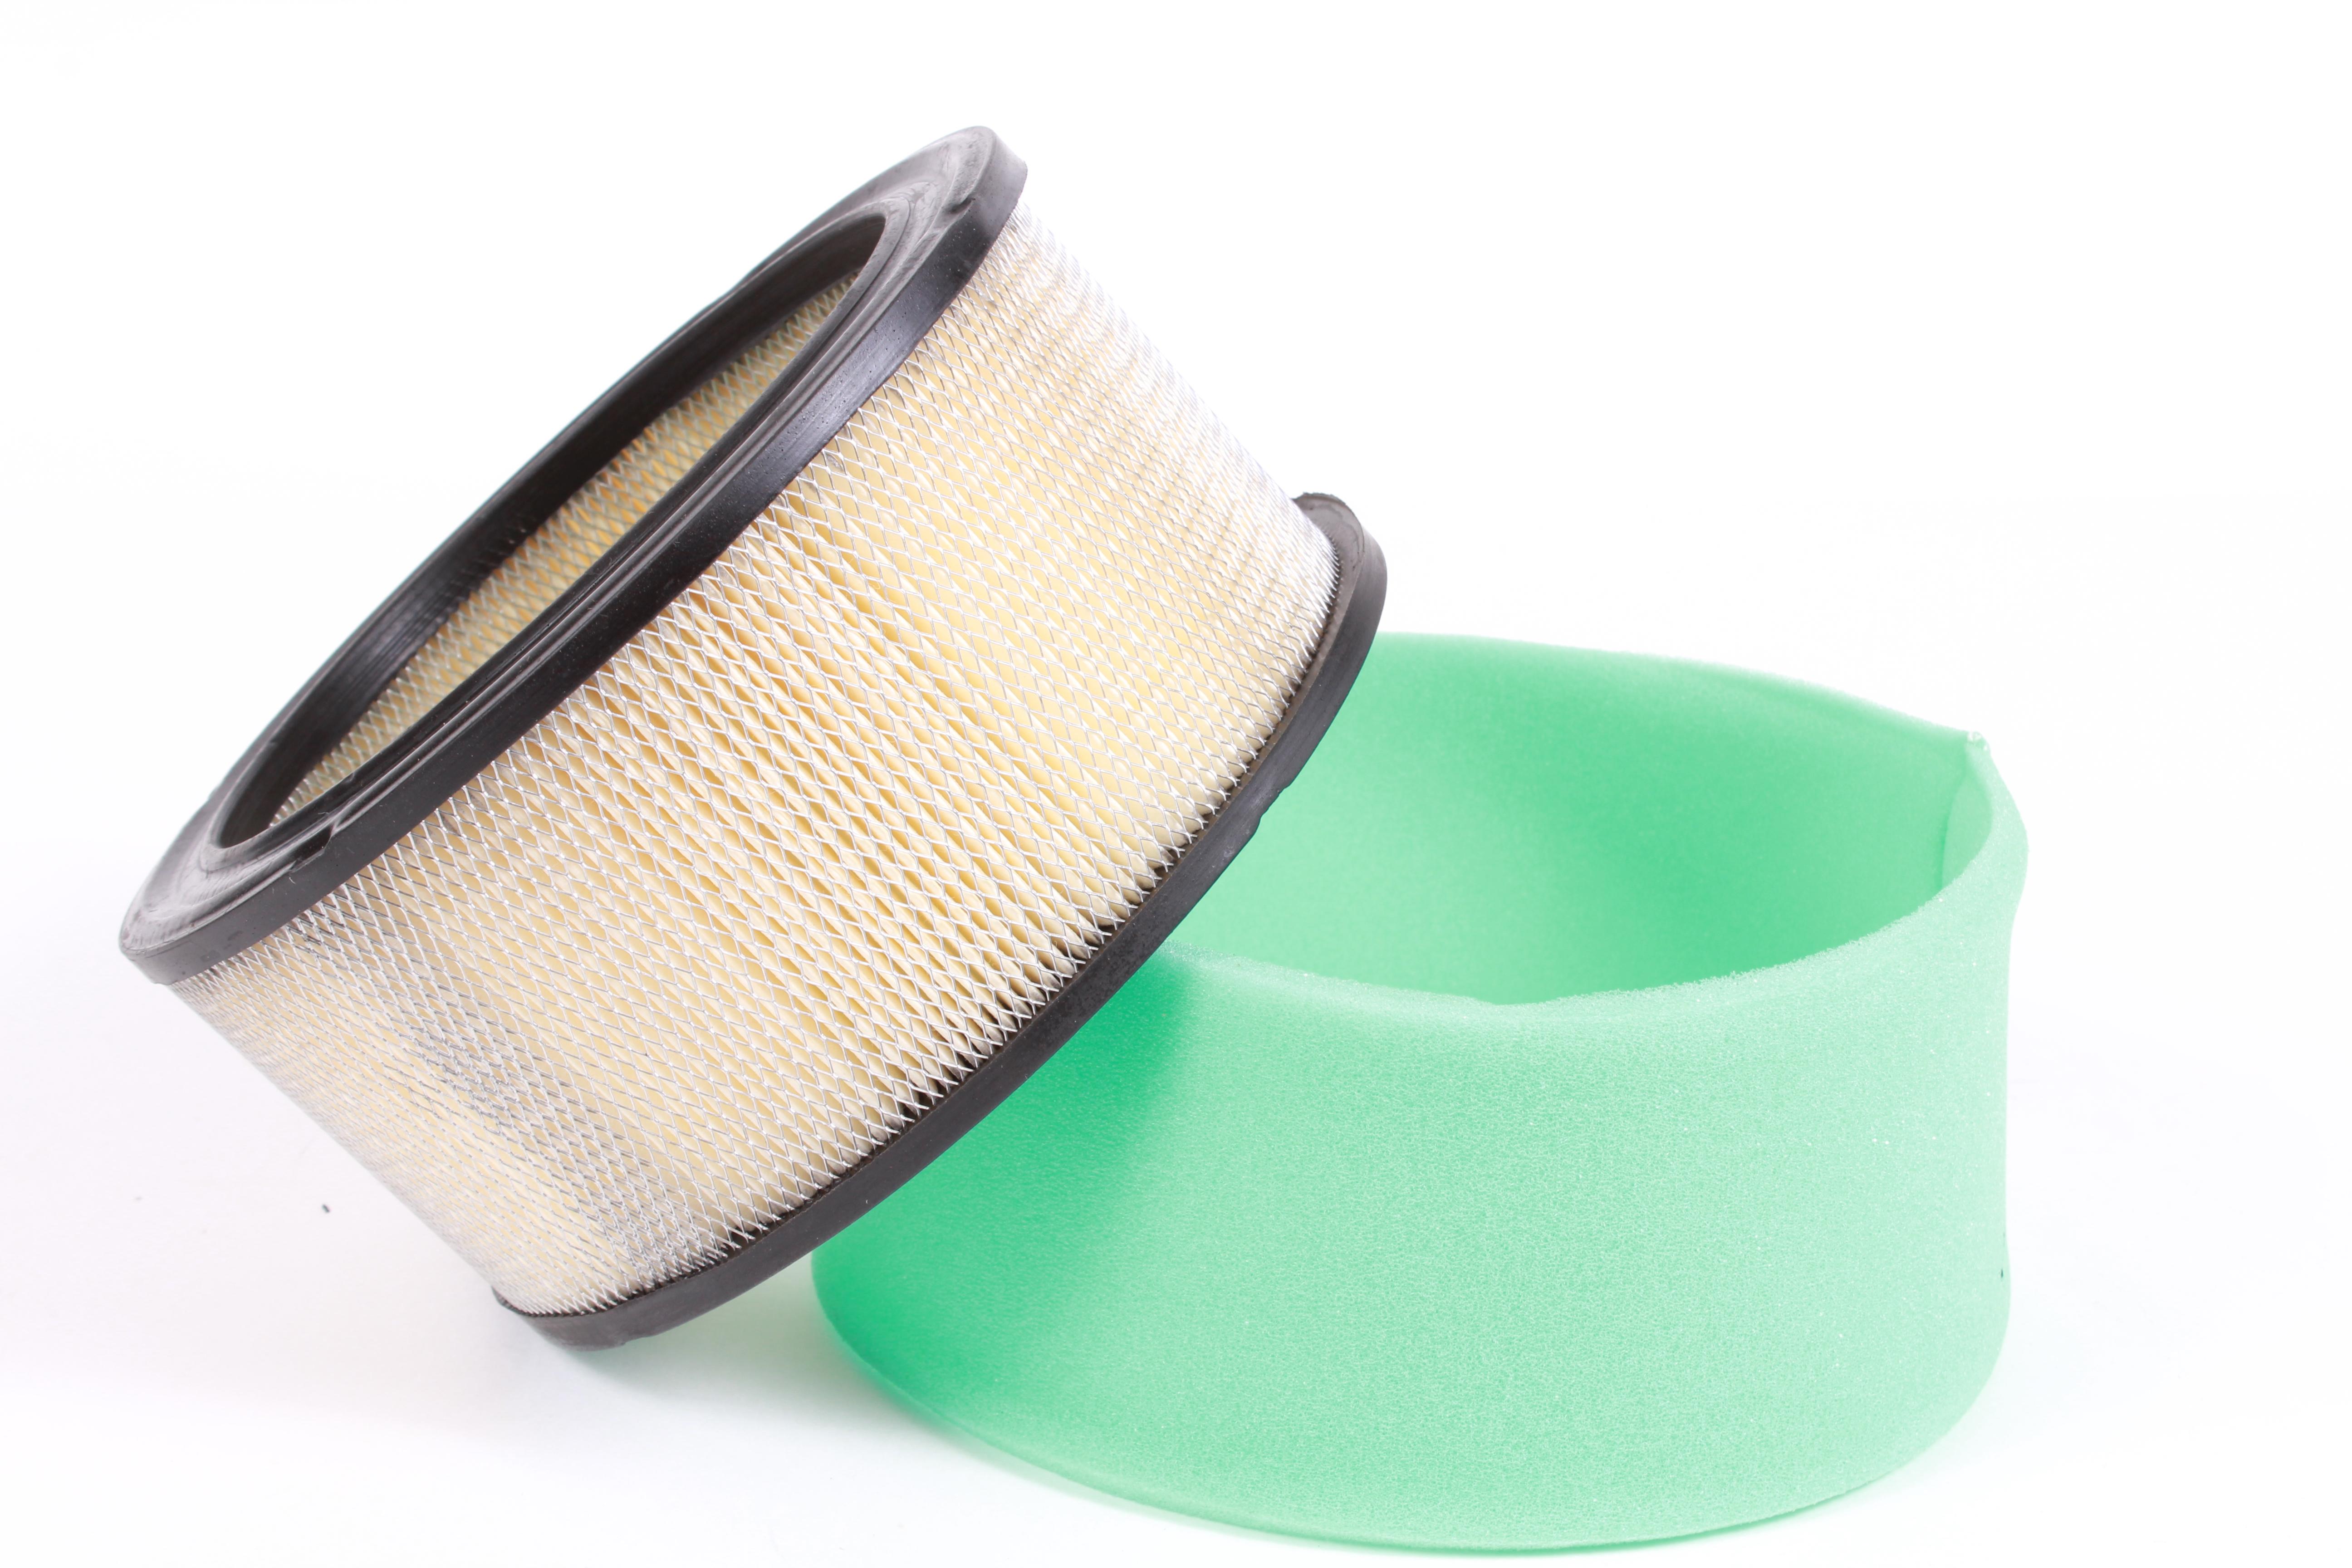 Air Filter Pre-Filter For Kohler 45 083 02-S 45 083 01-S 4508302S 4508301S